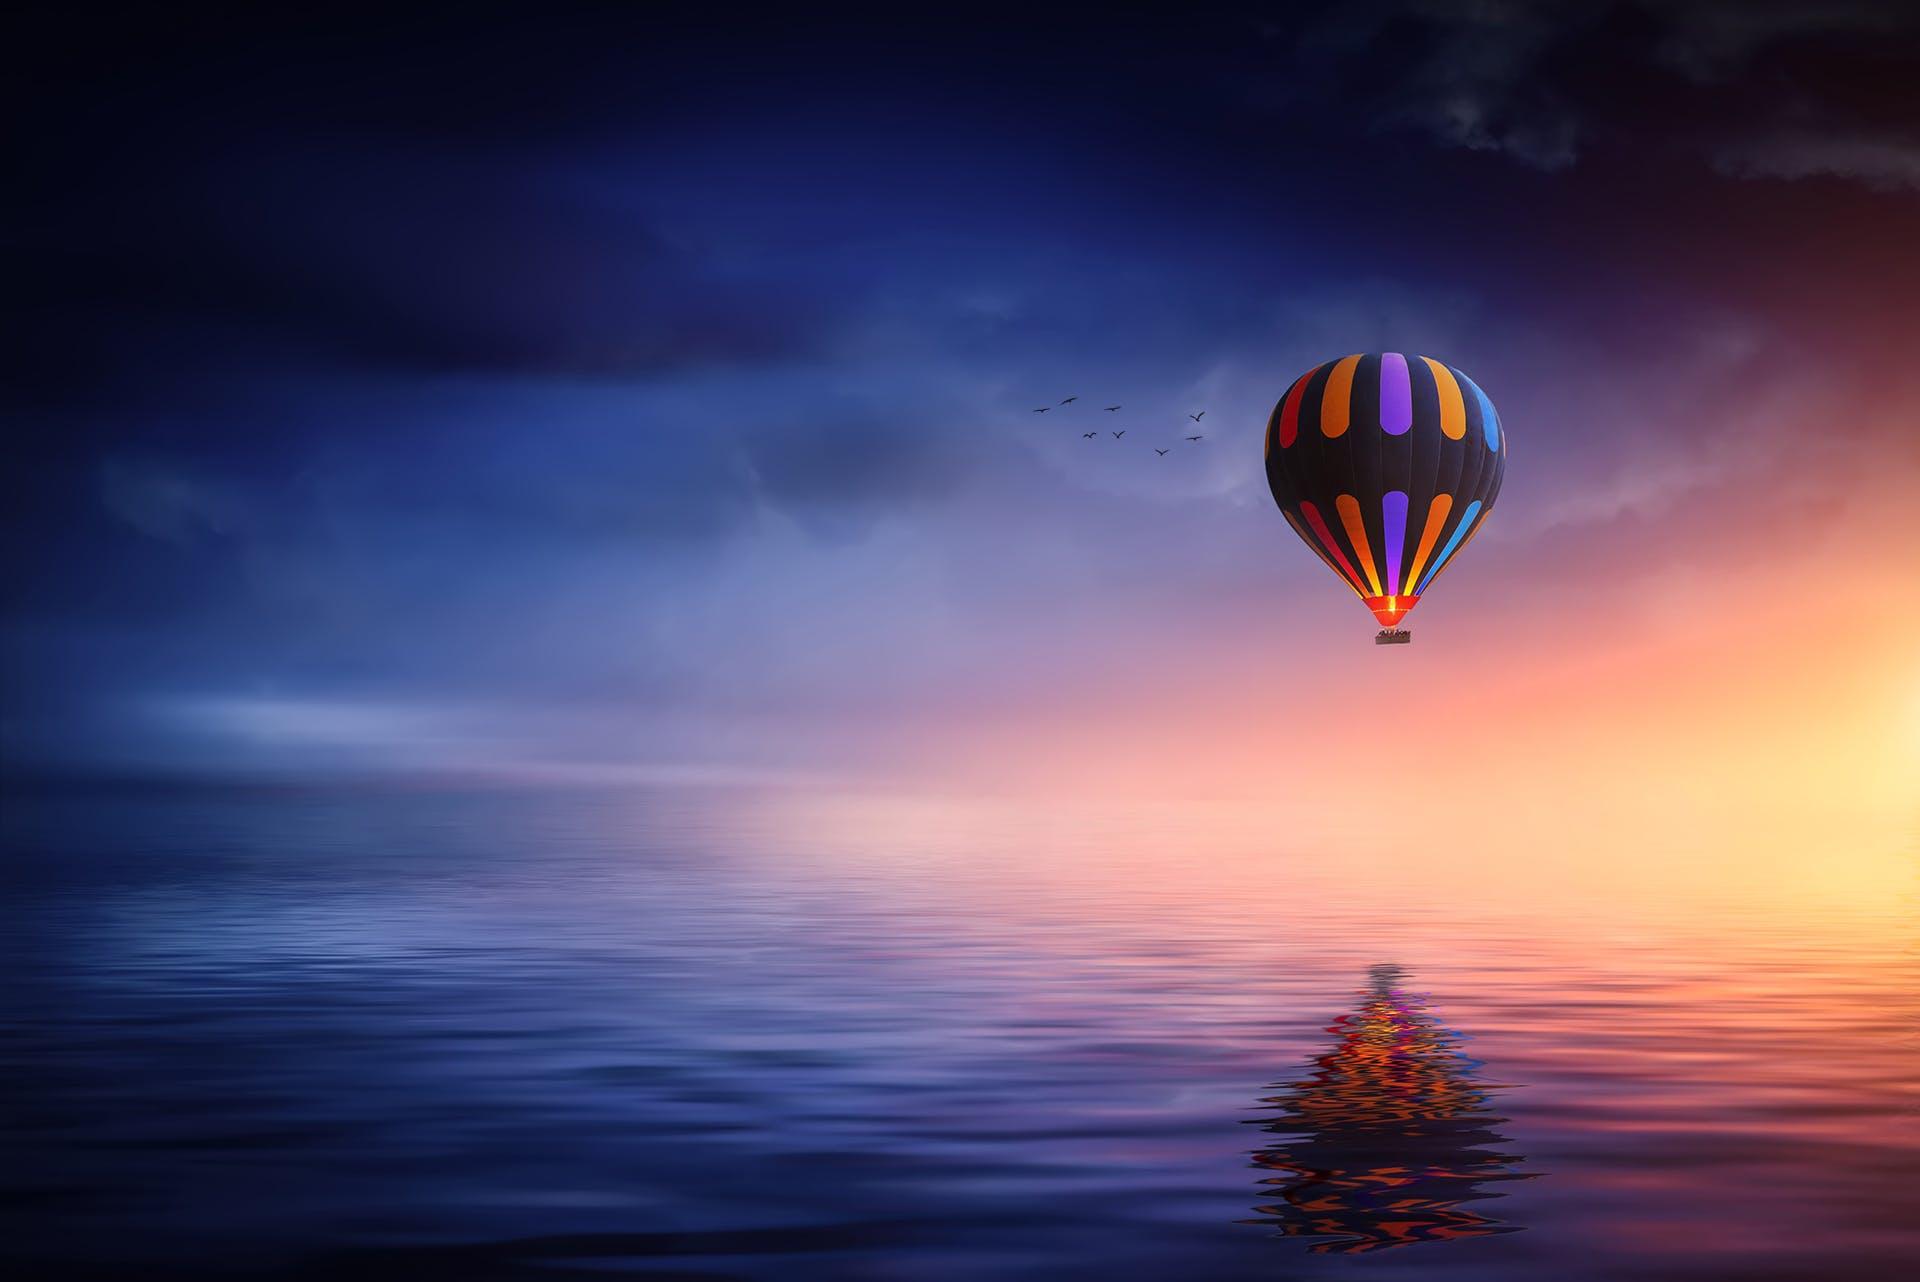 Multicolored Hot Air Balloon over Calm Sea